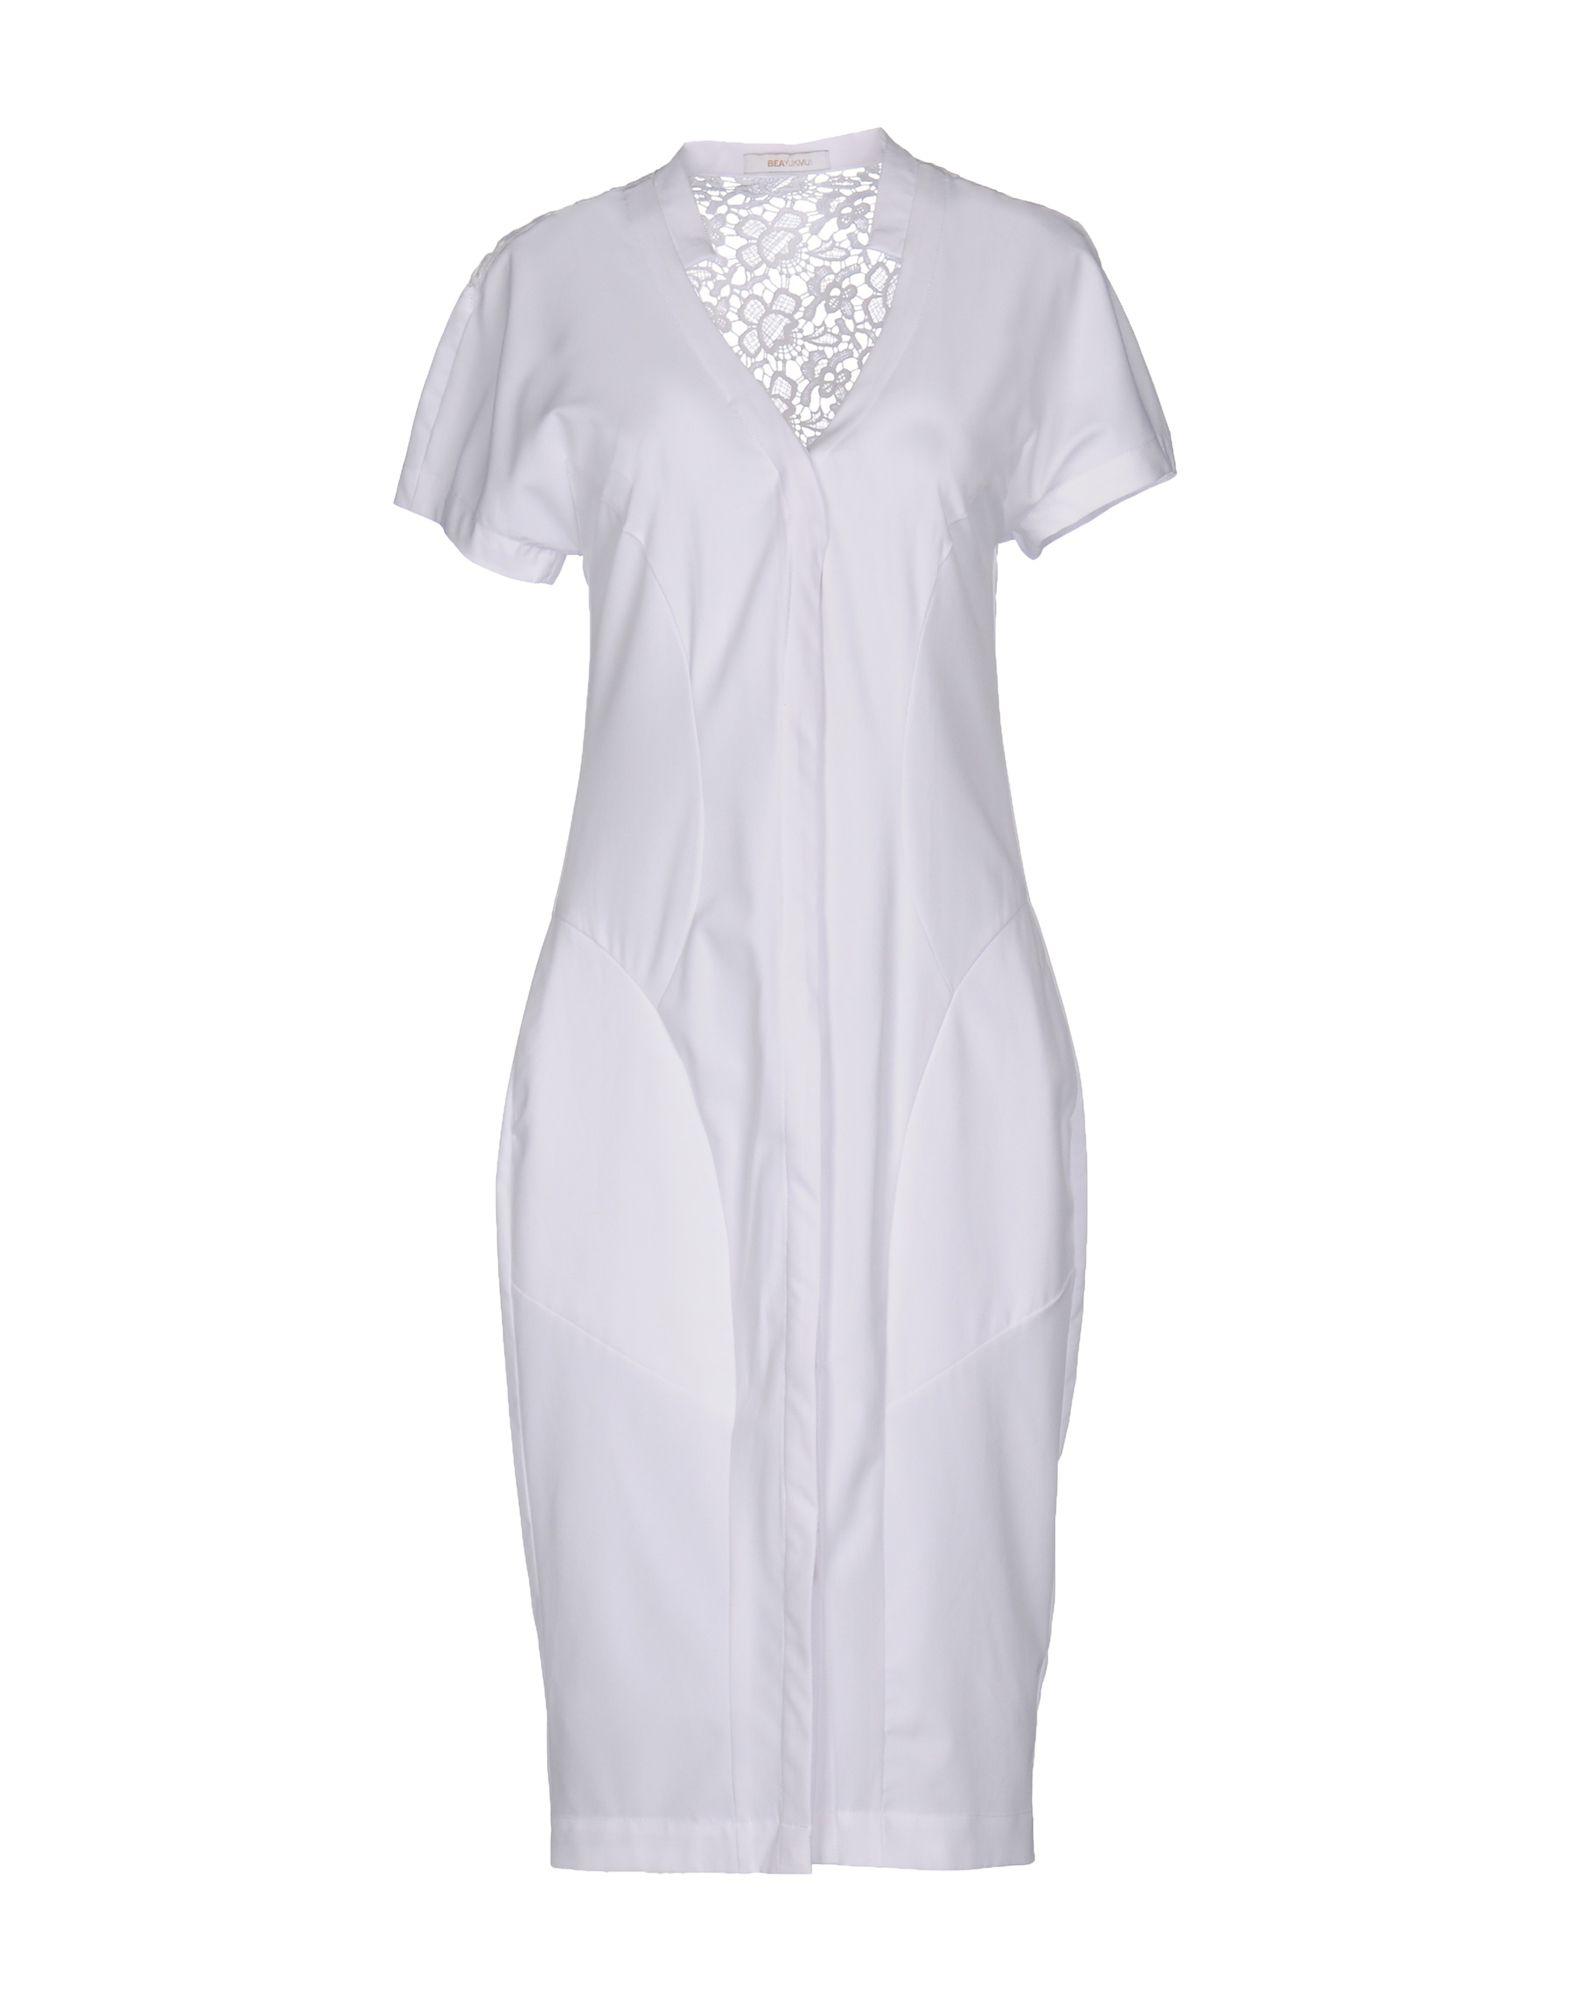 BEAYUKMUI Платье до колена платье beayukmui цвет черный белый